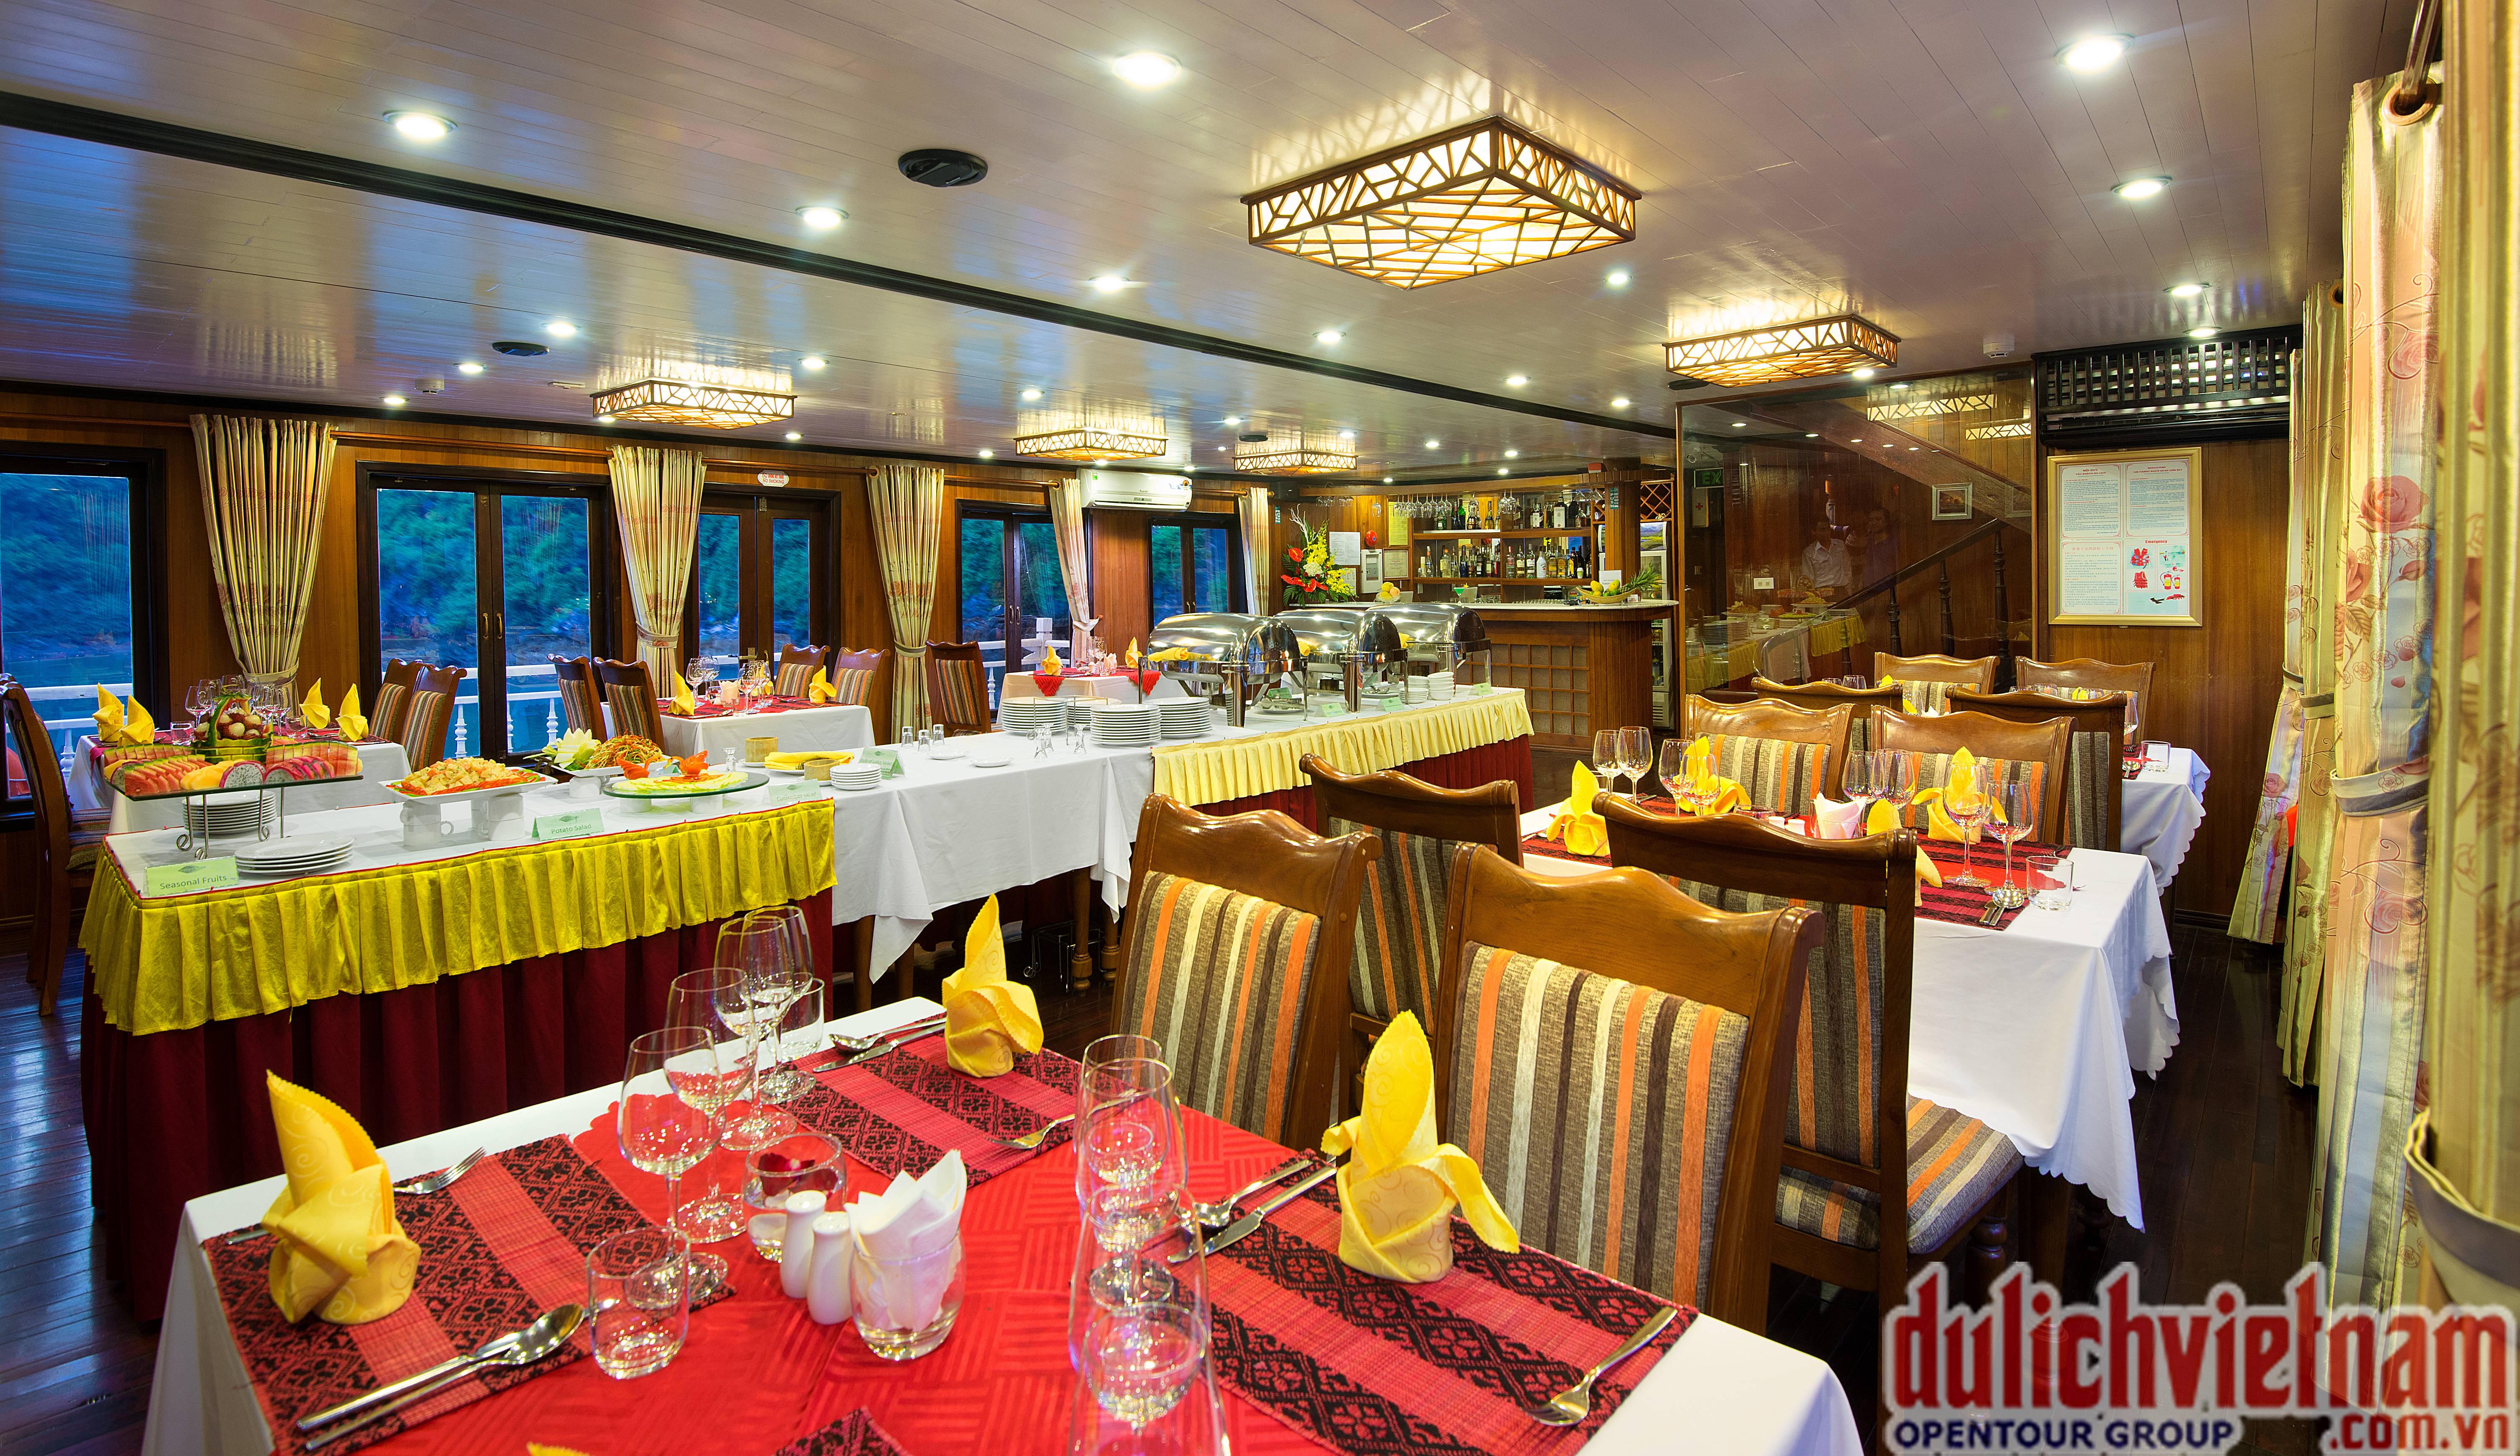 Nhà hàng Tonkin cung cấp hàng trăm món ăn hấp dẫn